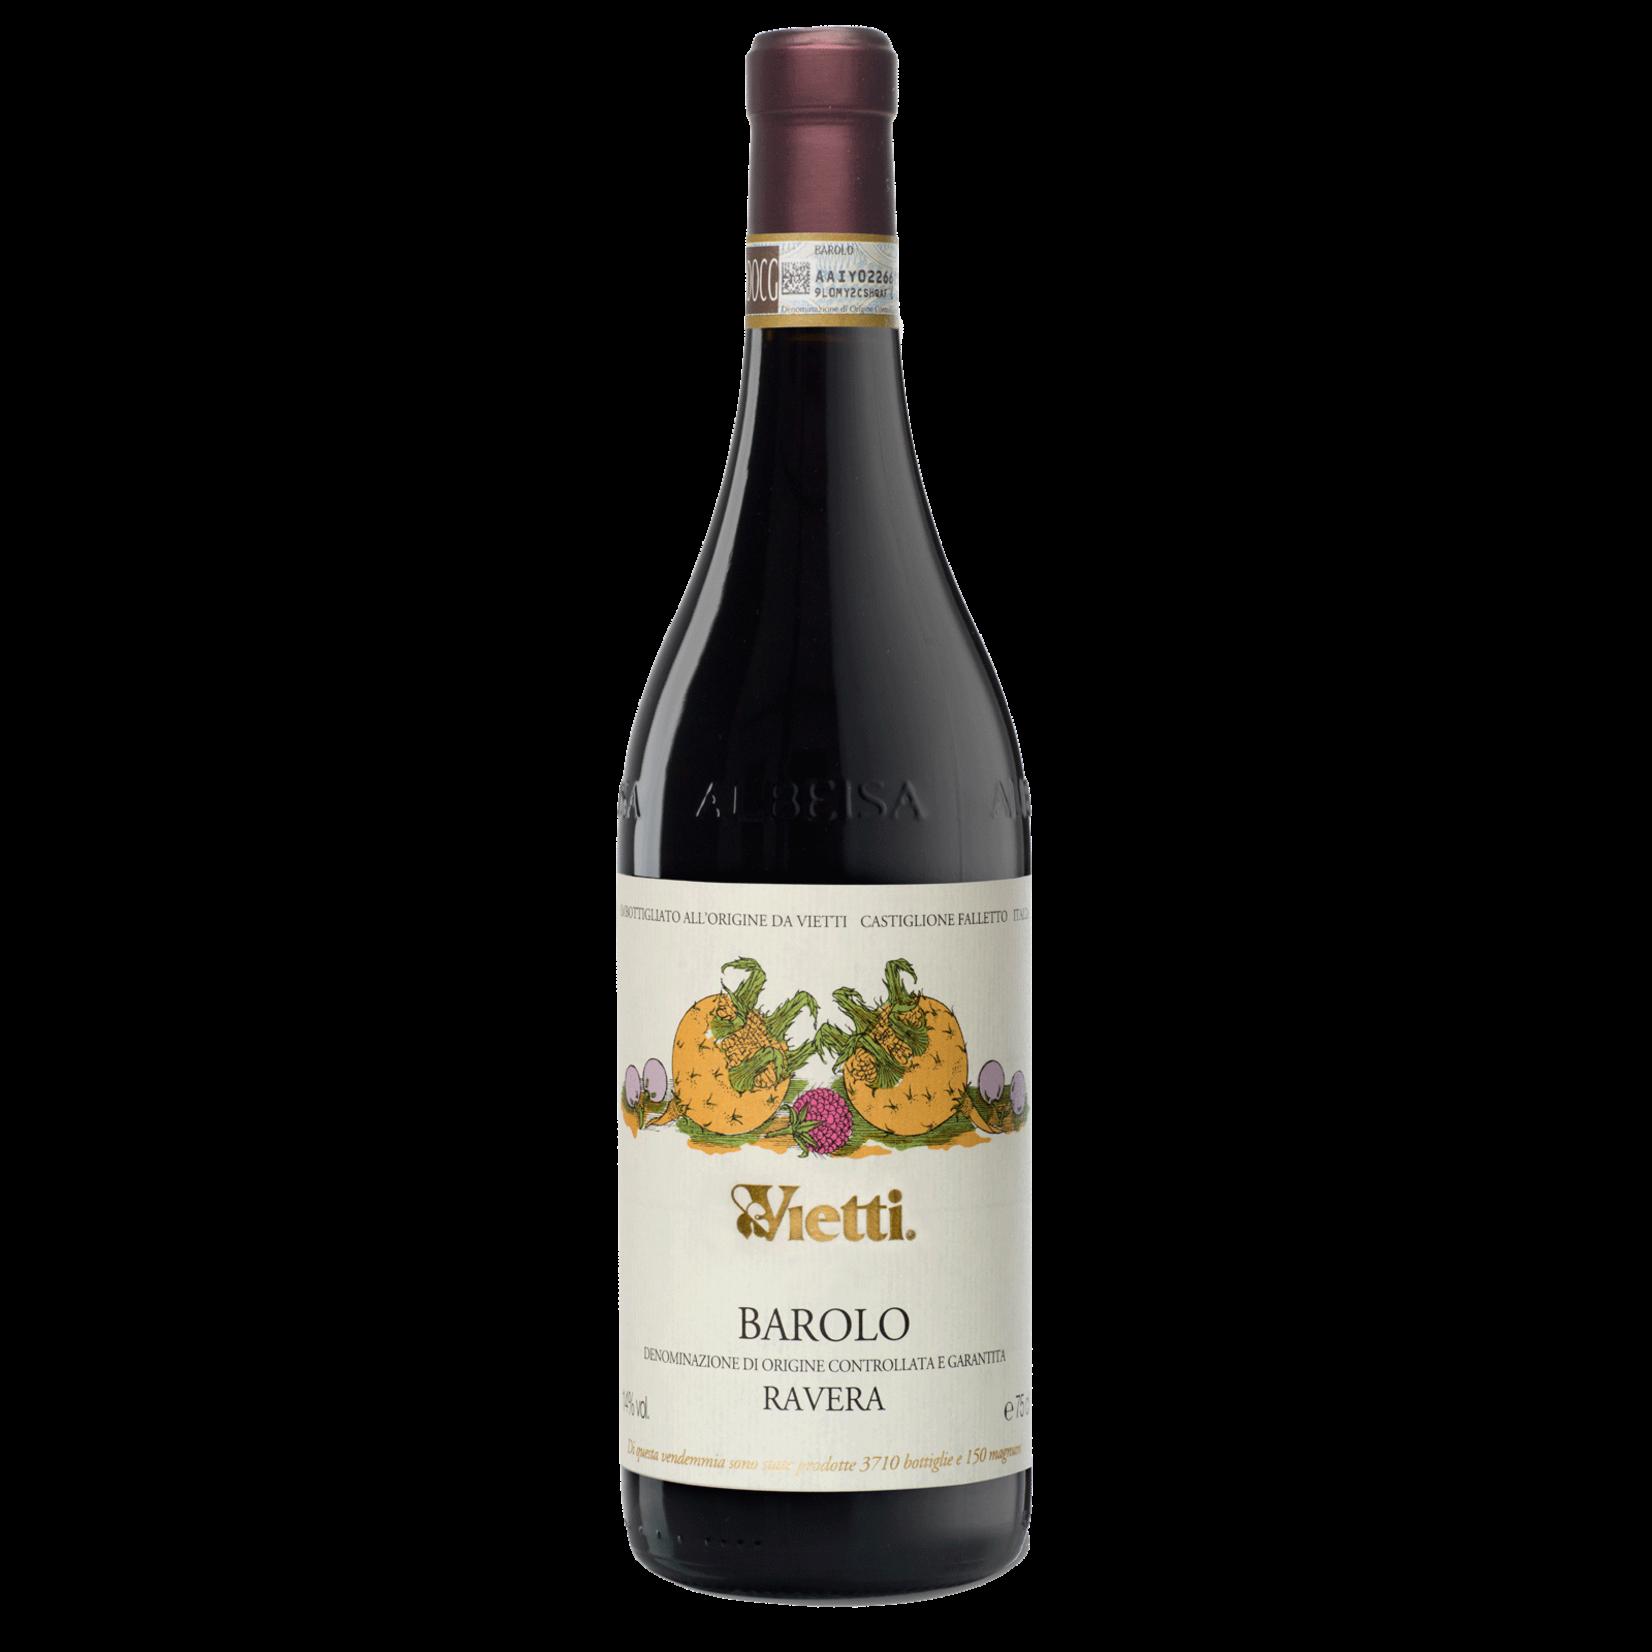 Wine Vietti Barolo Ravera 2017